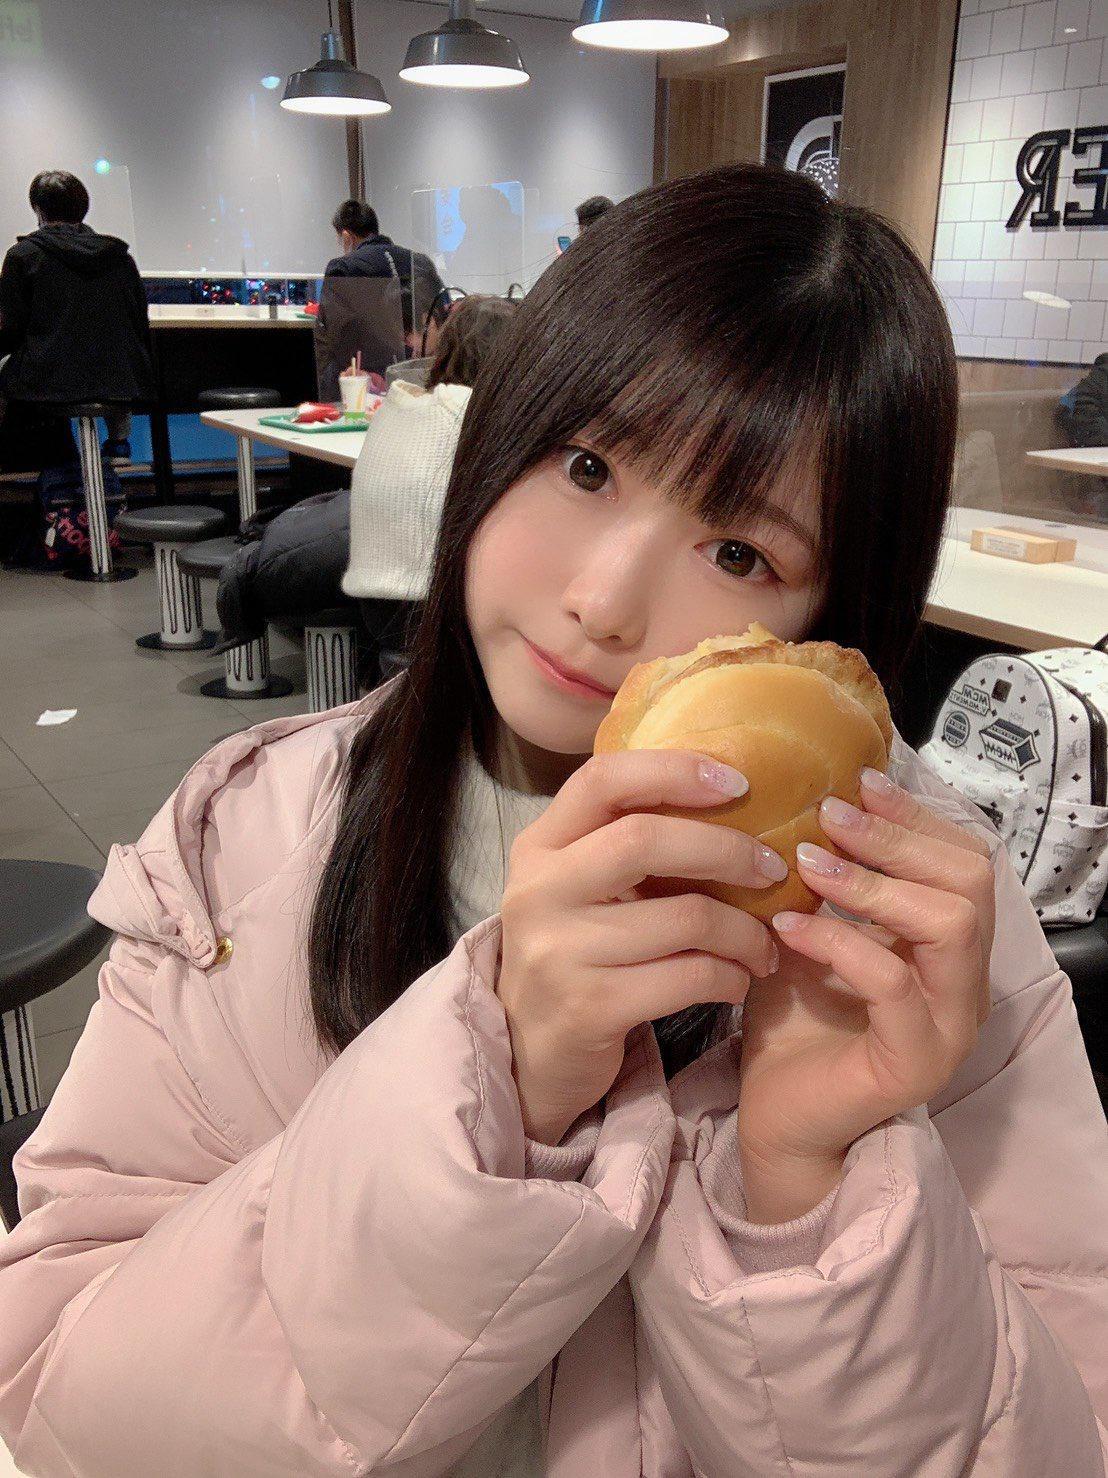 【画像】飯食うのにいちいちぶりっこしないと気が済まない地味女子w